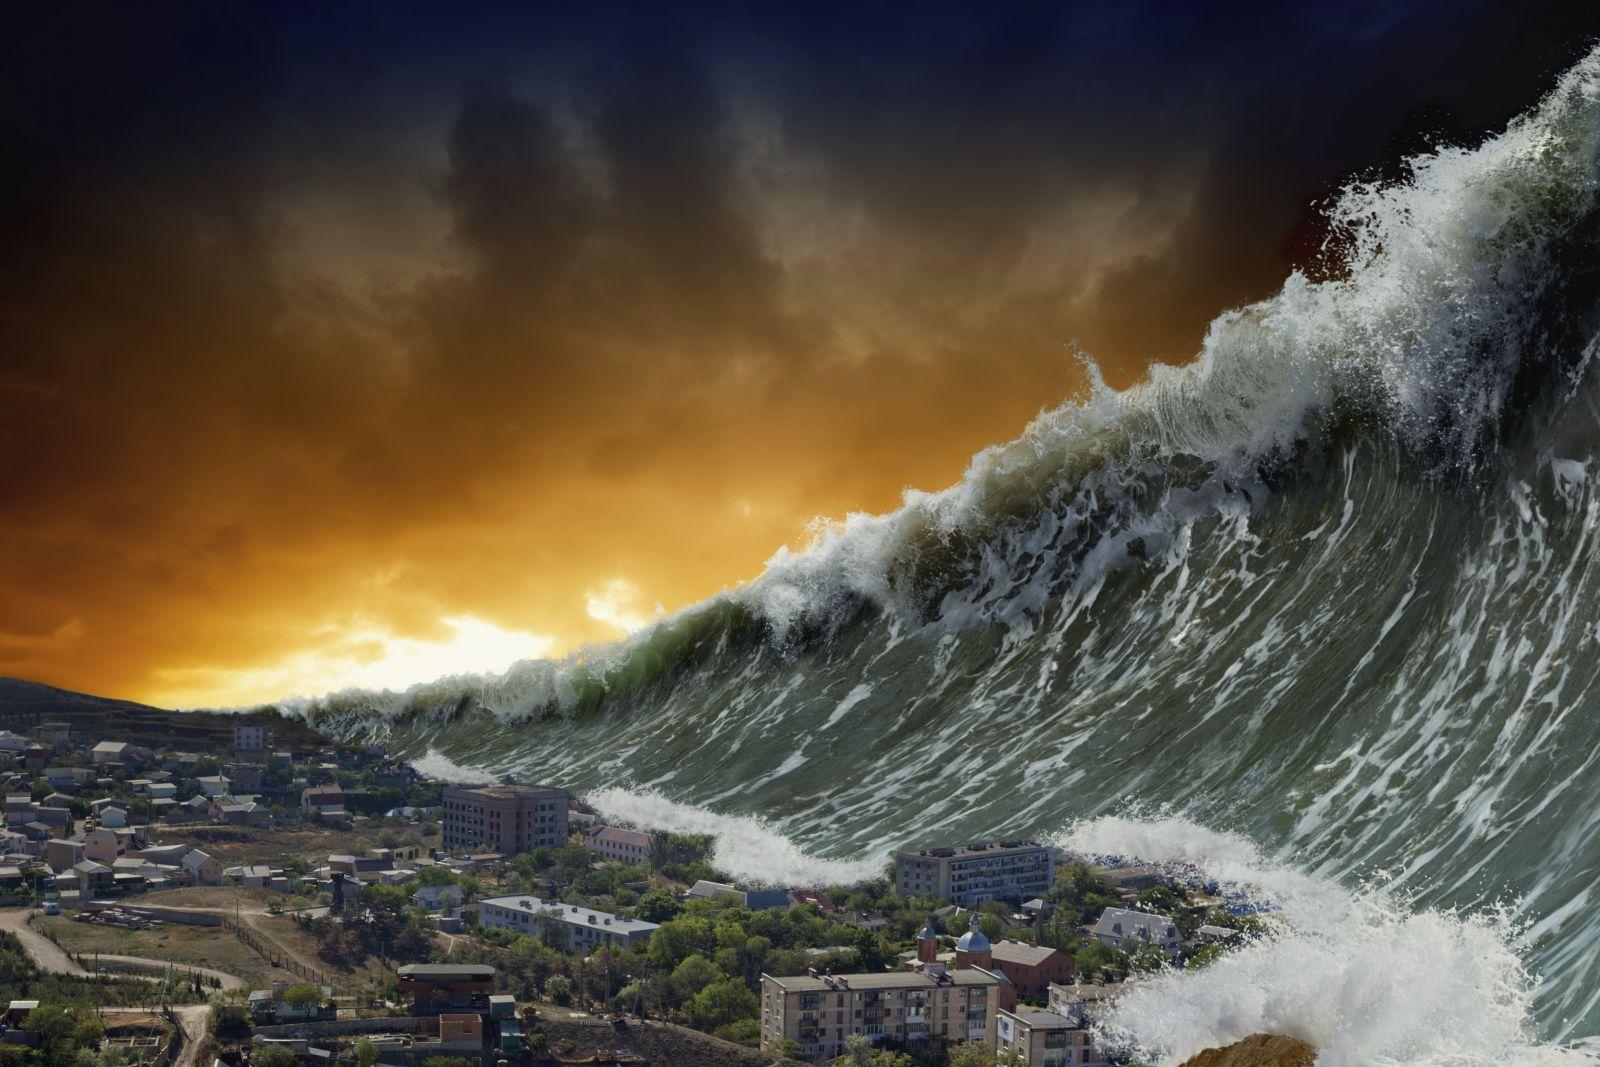 9 نبوءات روجت لنهاية العالم منذ عام 2000